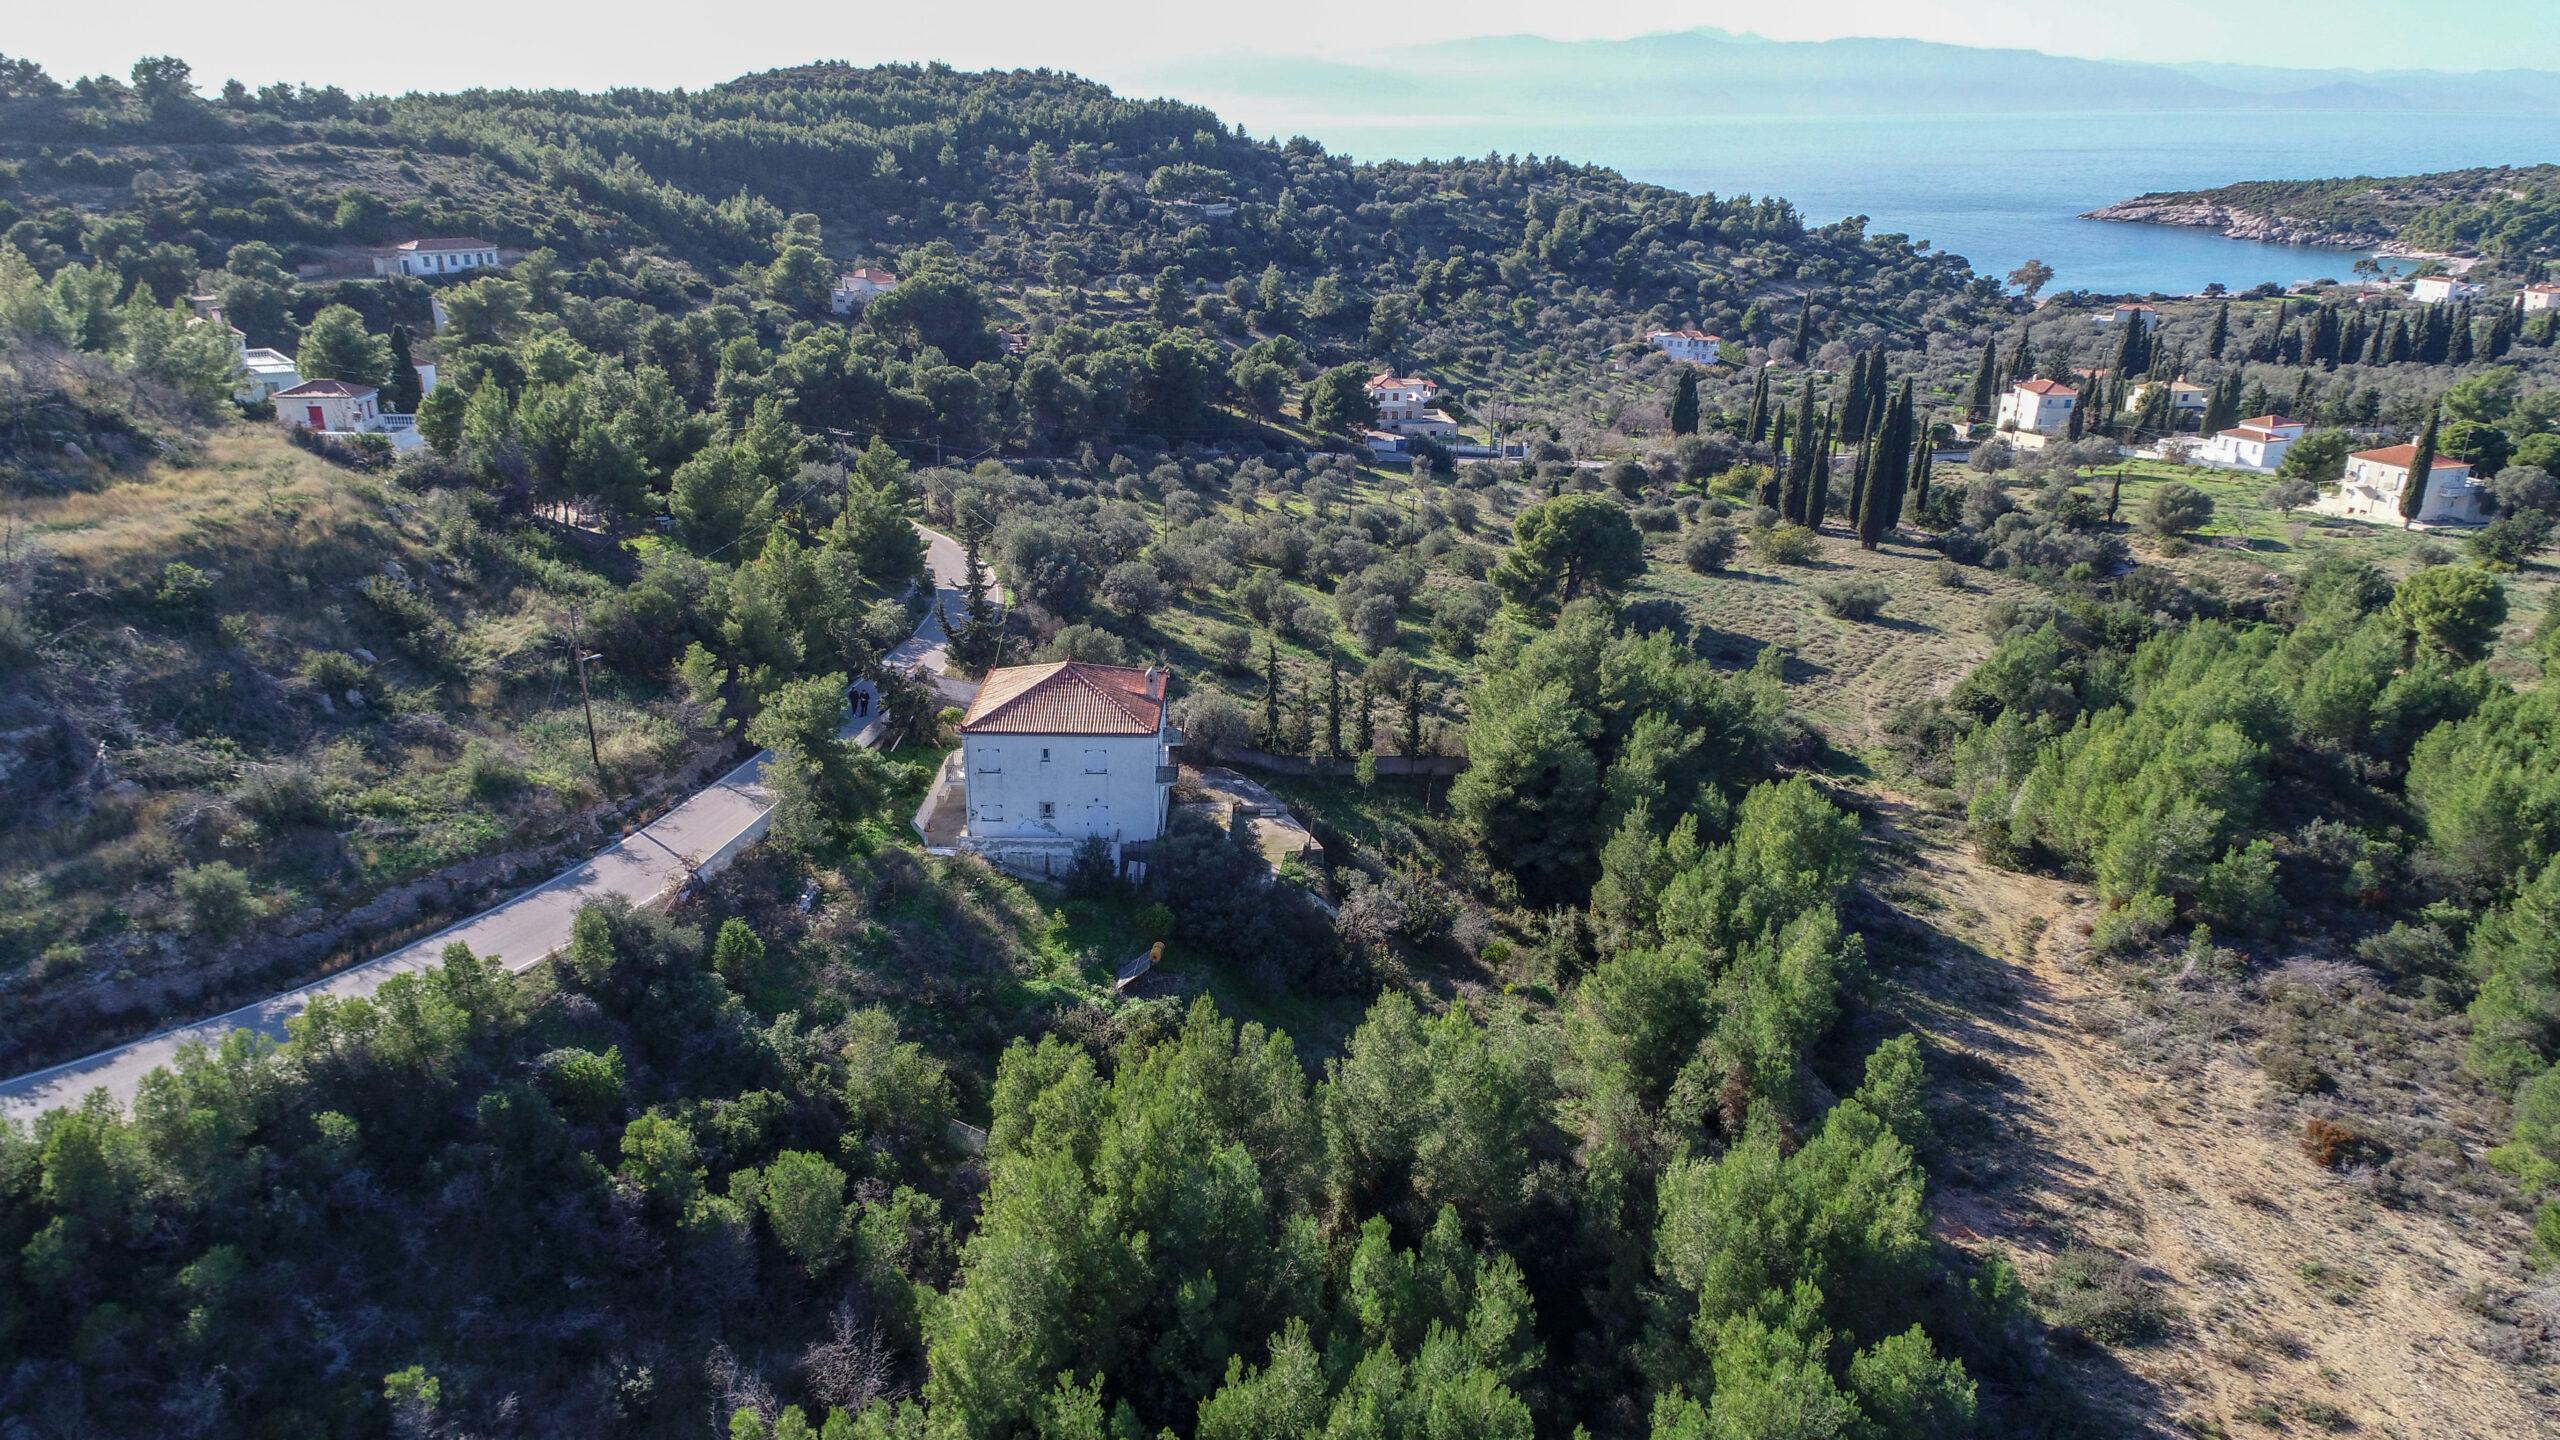 Seaview house of 200 sq. meters